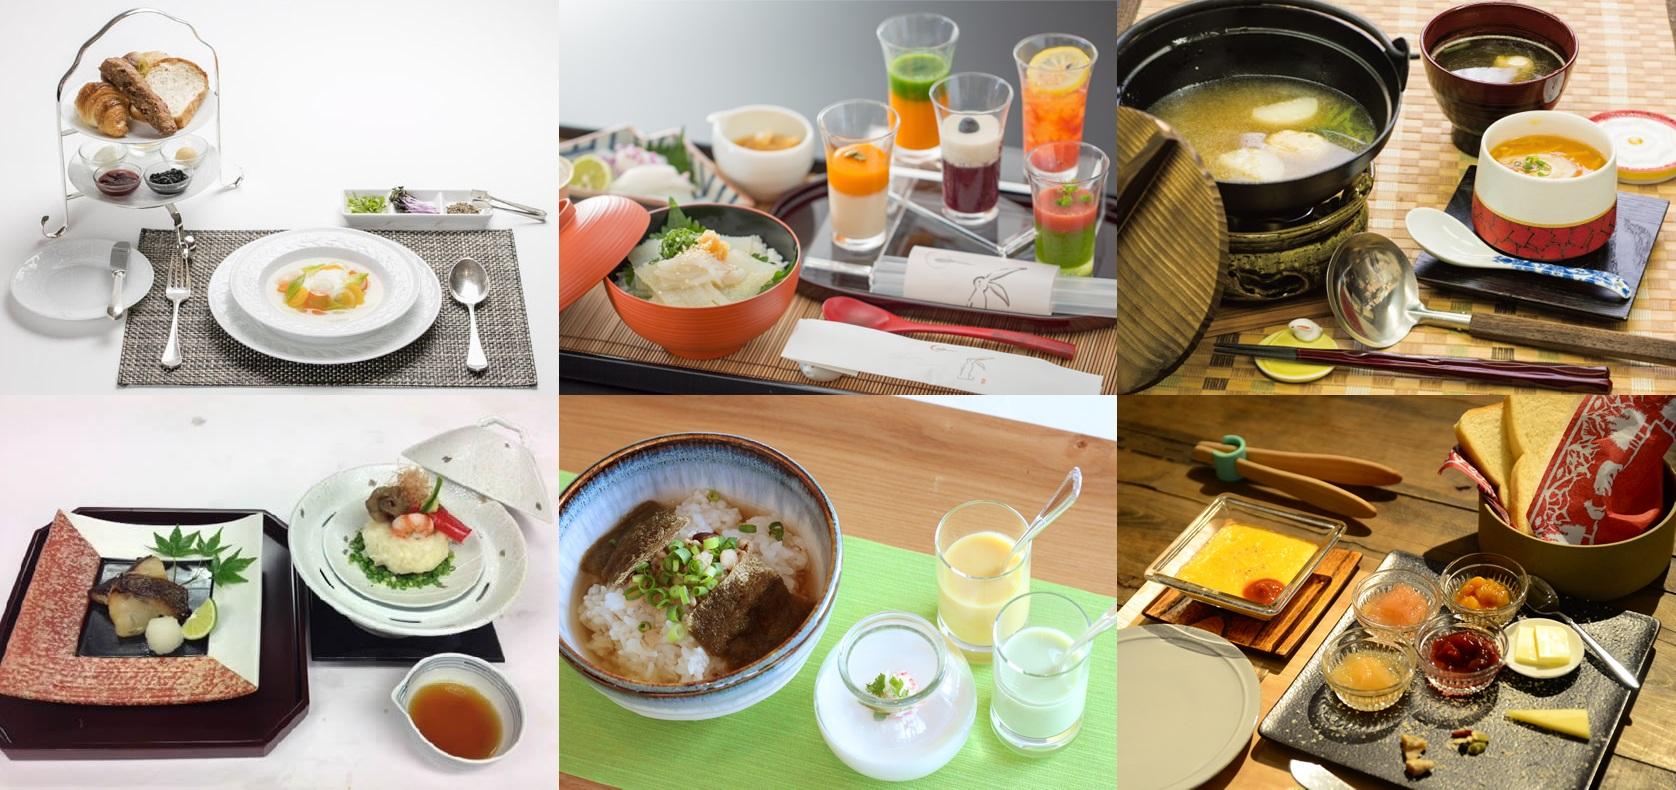 早餐 Festival 2015:Japan's Best Breakfasts